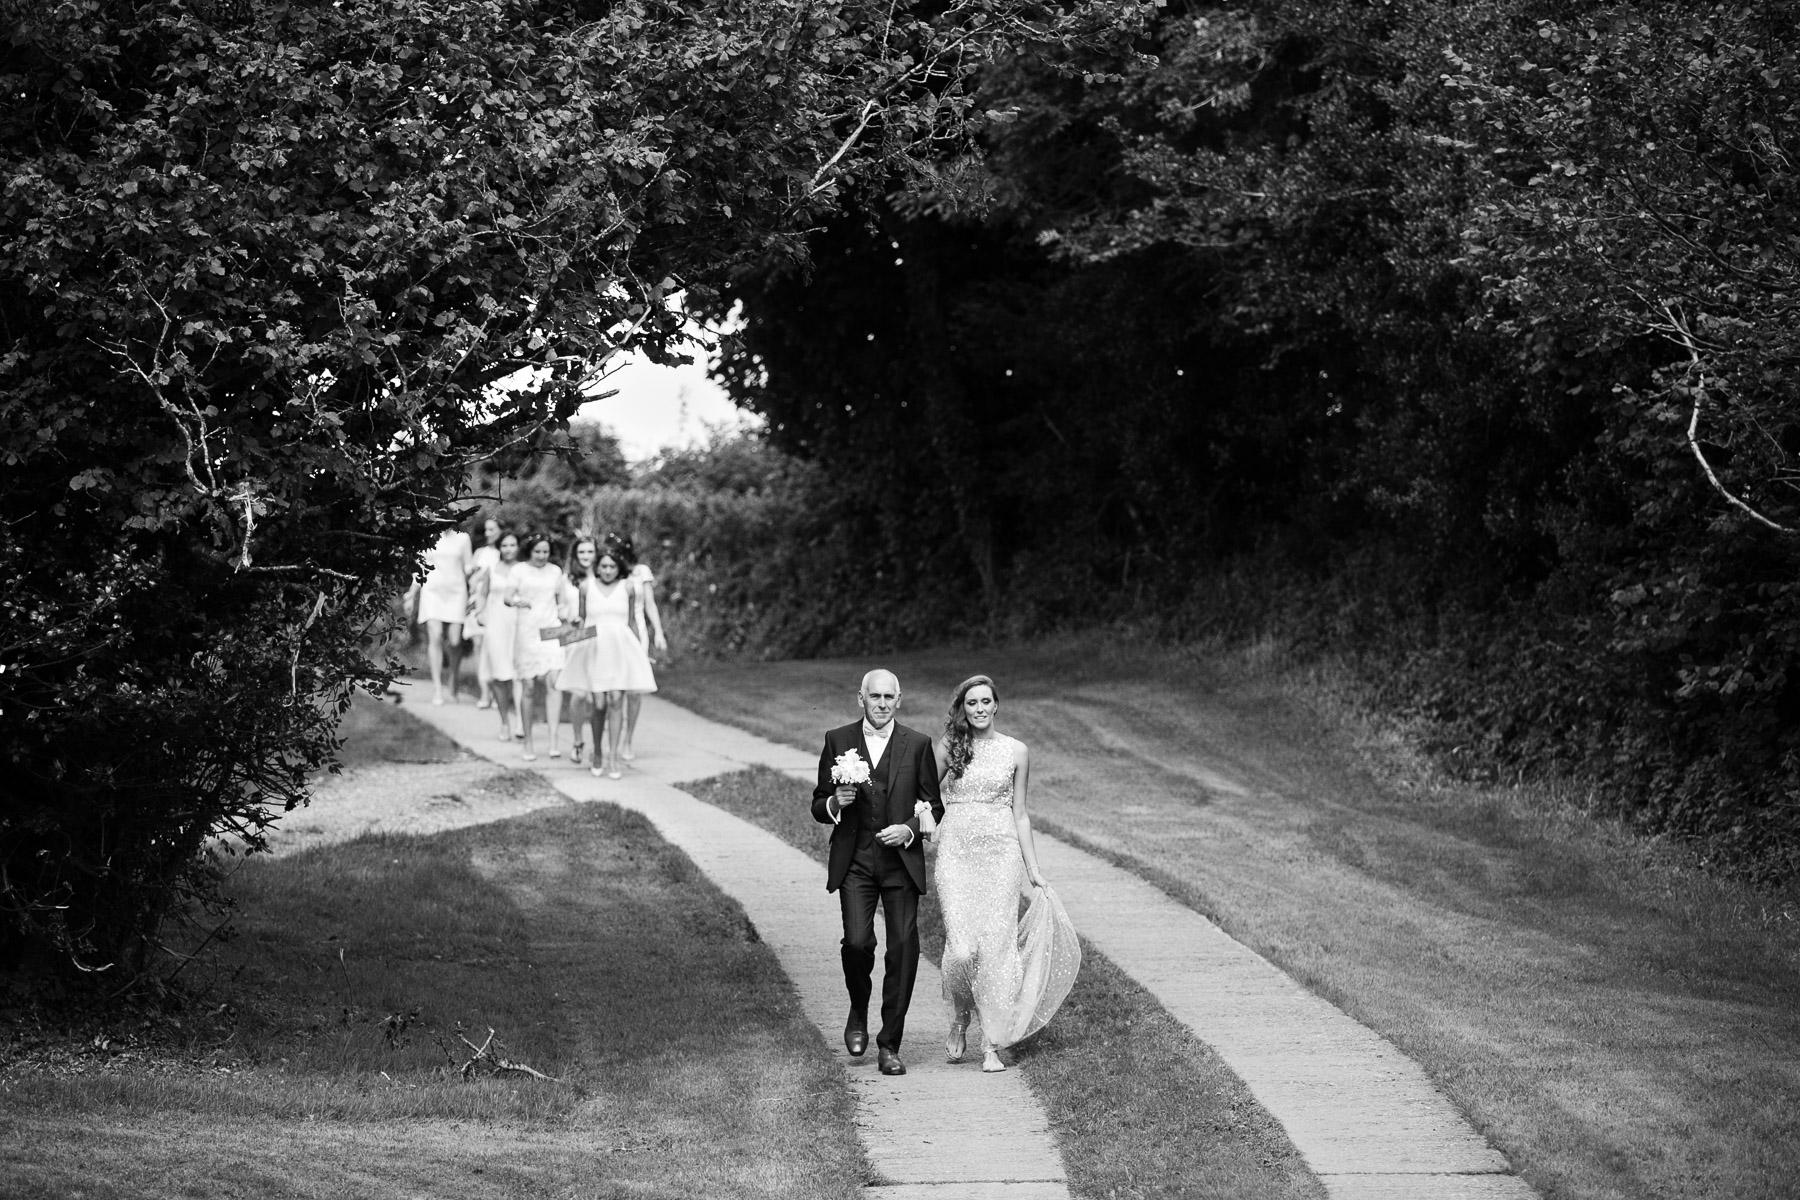 wedding portfolio 25-09-17  159.jpg